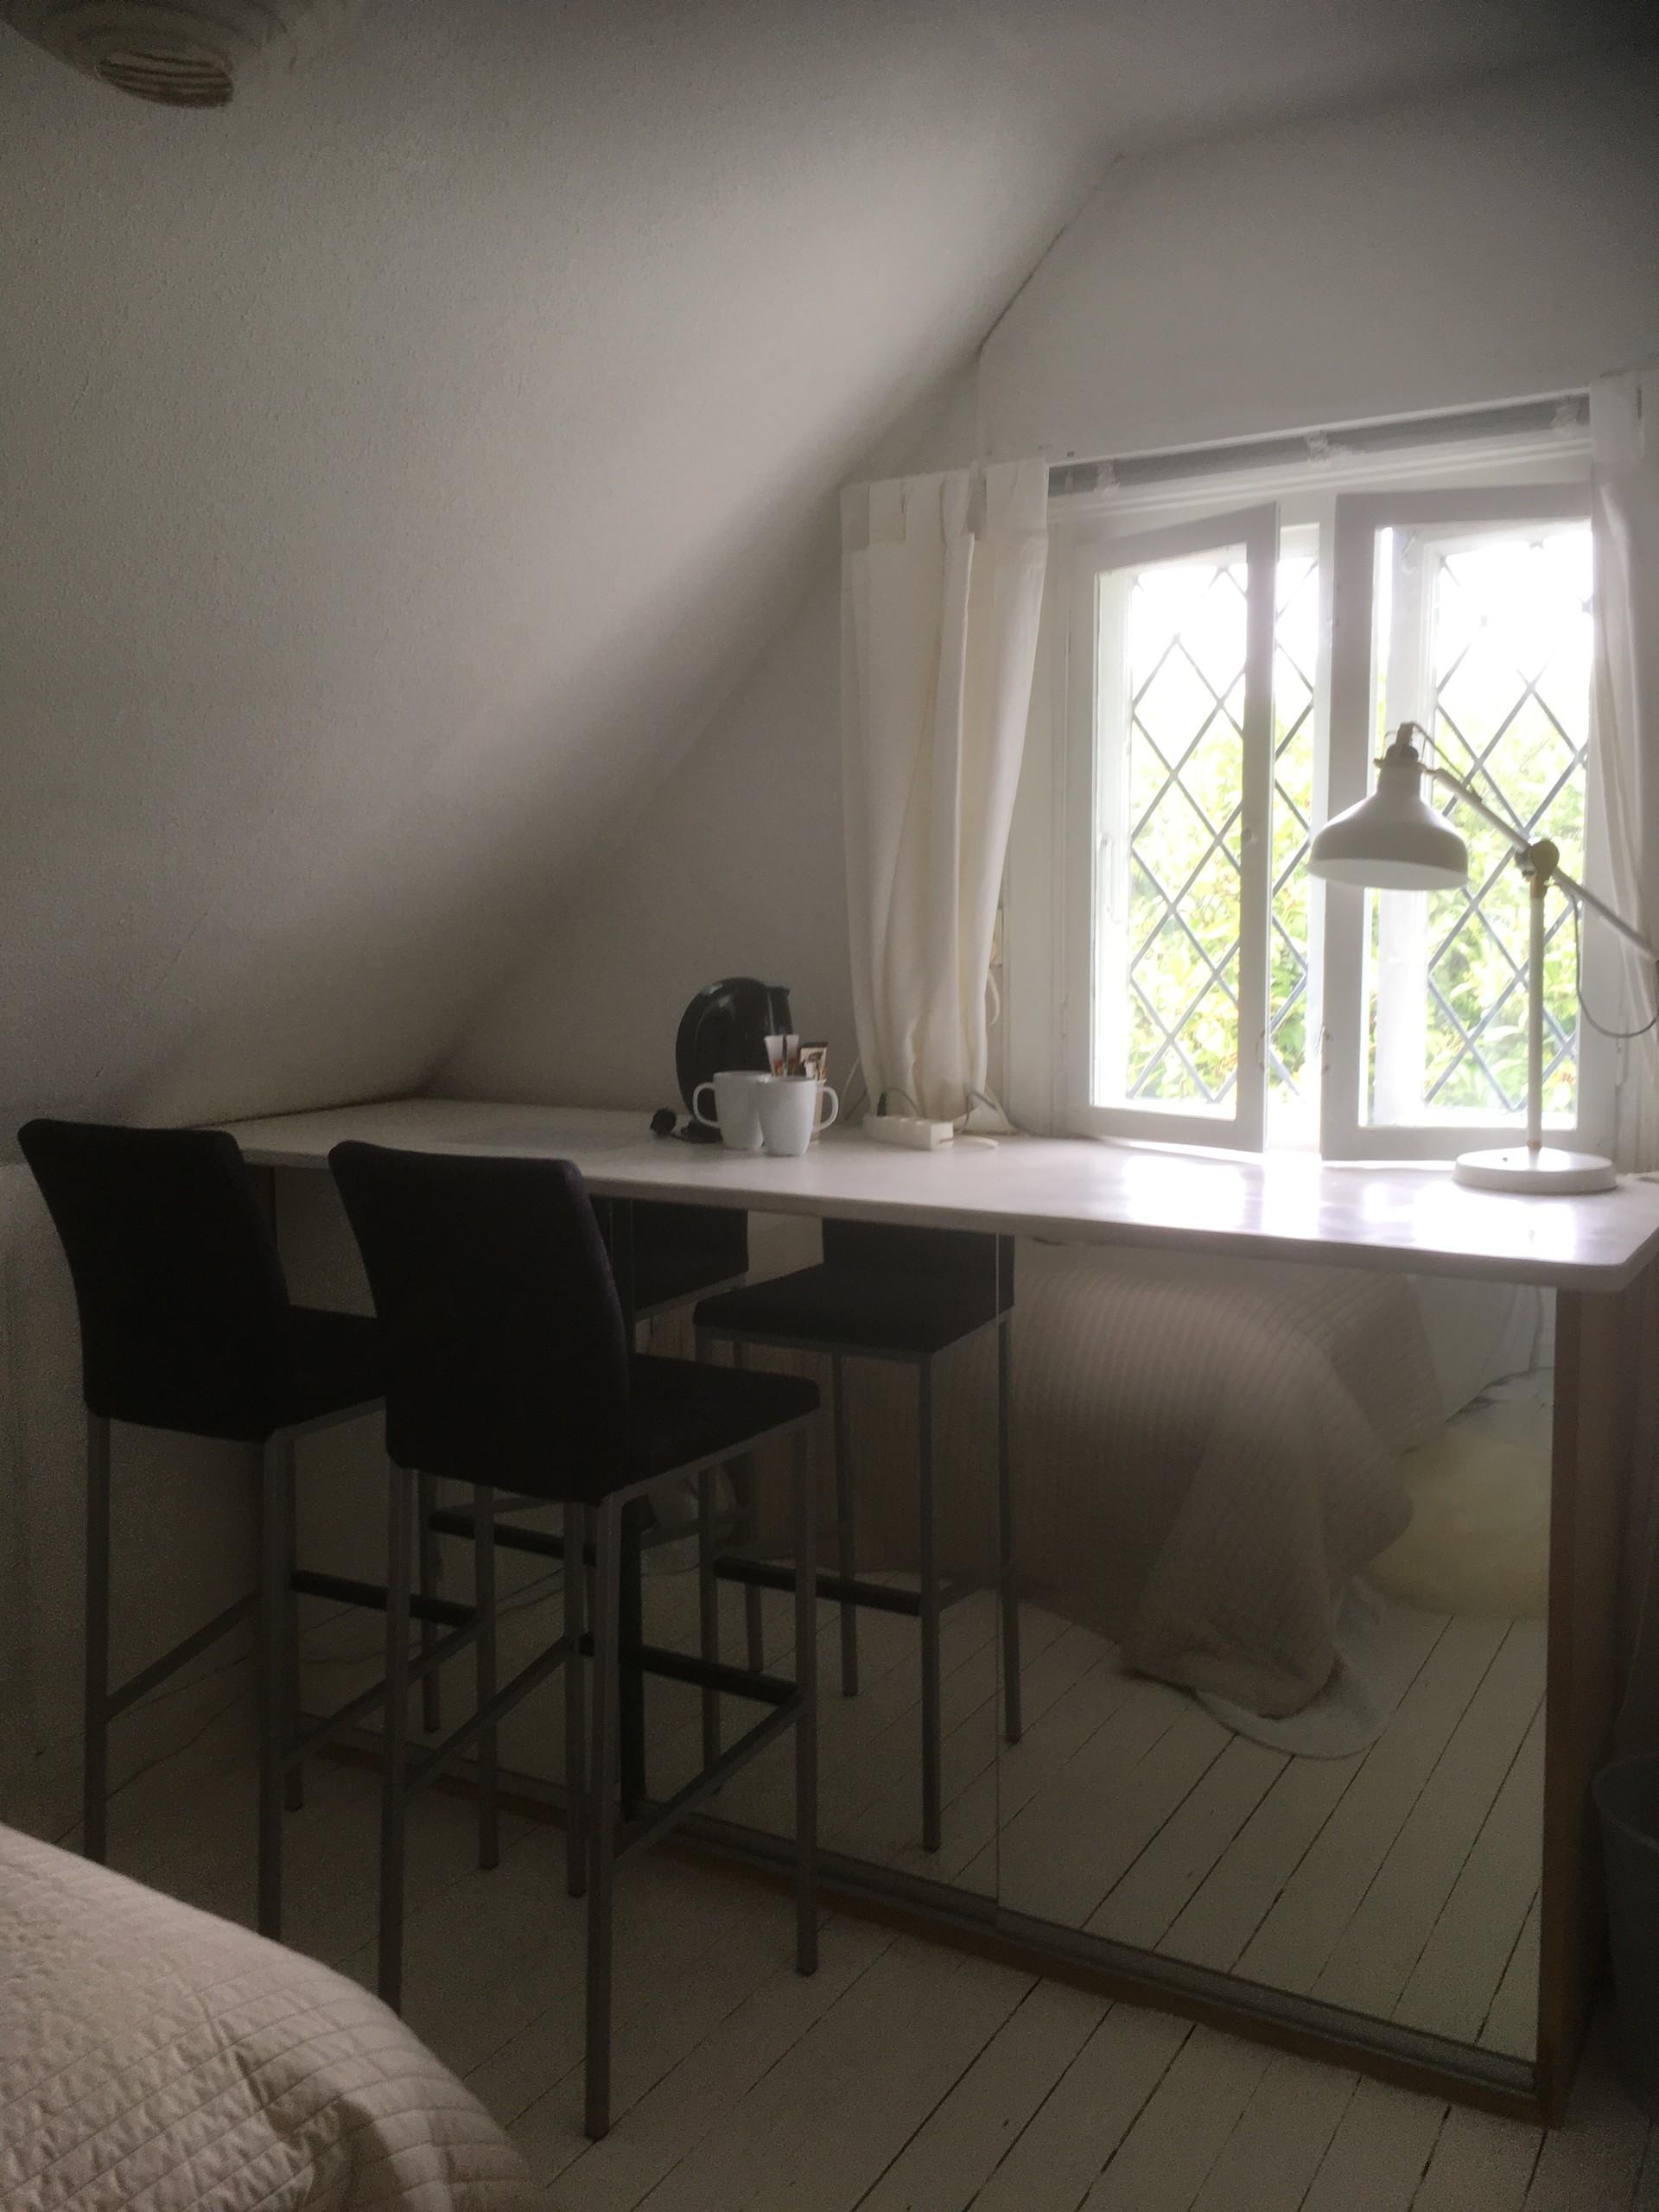 12-sqm-room-vanlse-area-copenhagen-842d0f24540a9cd7520901124a4ac552